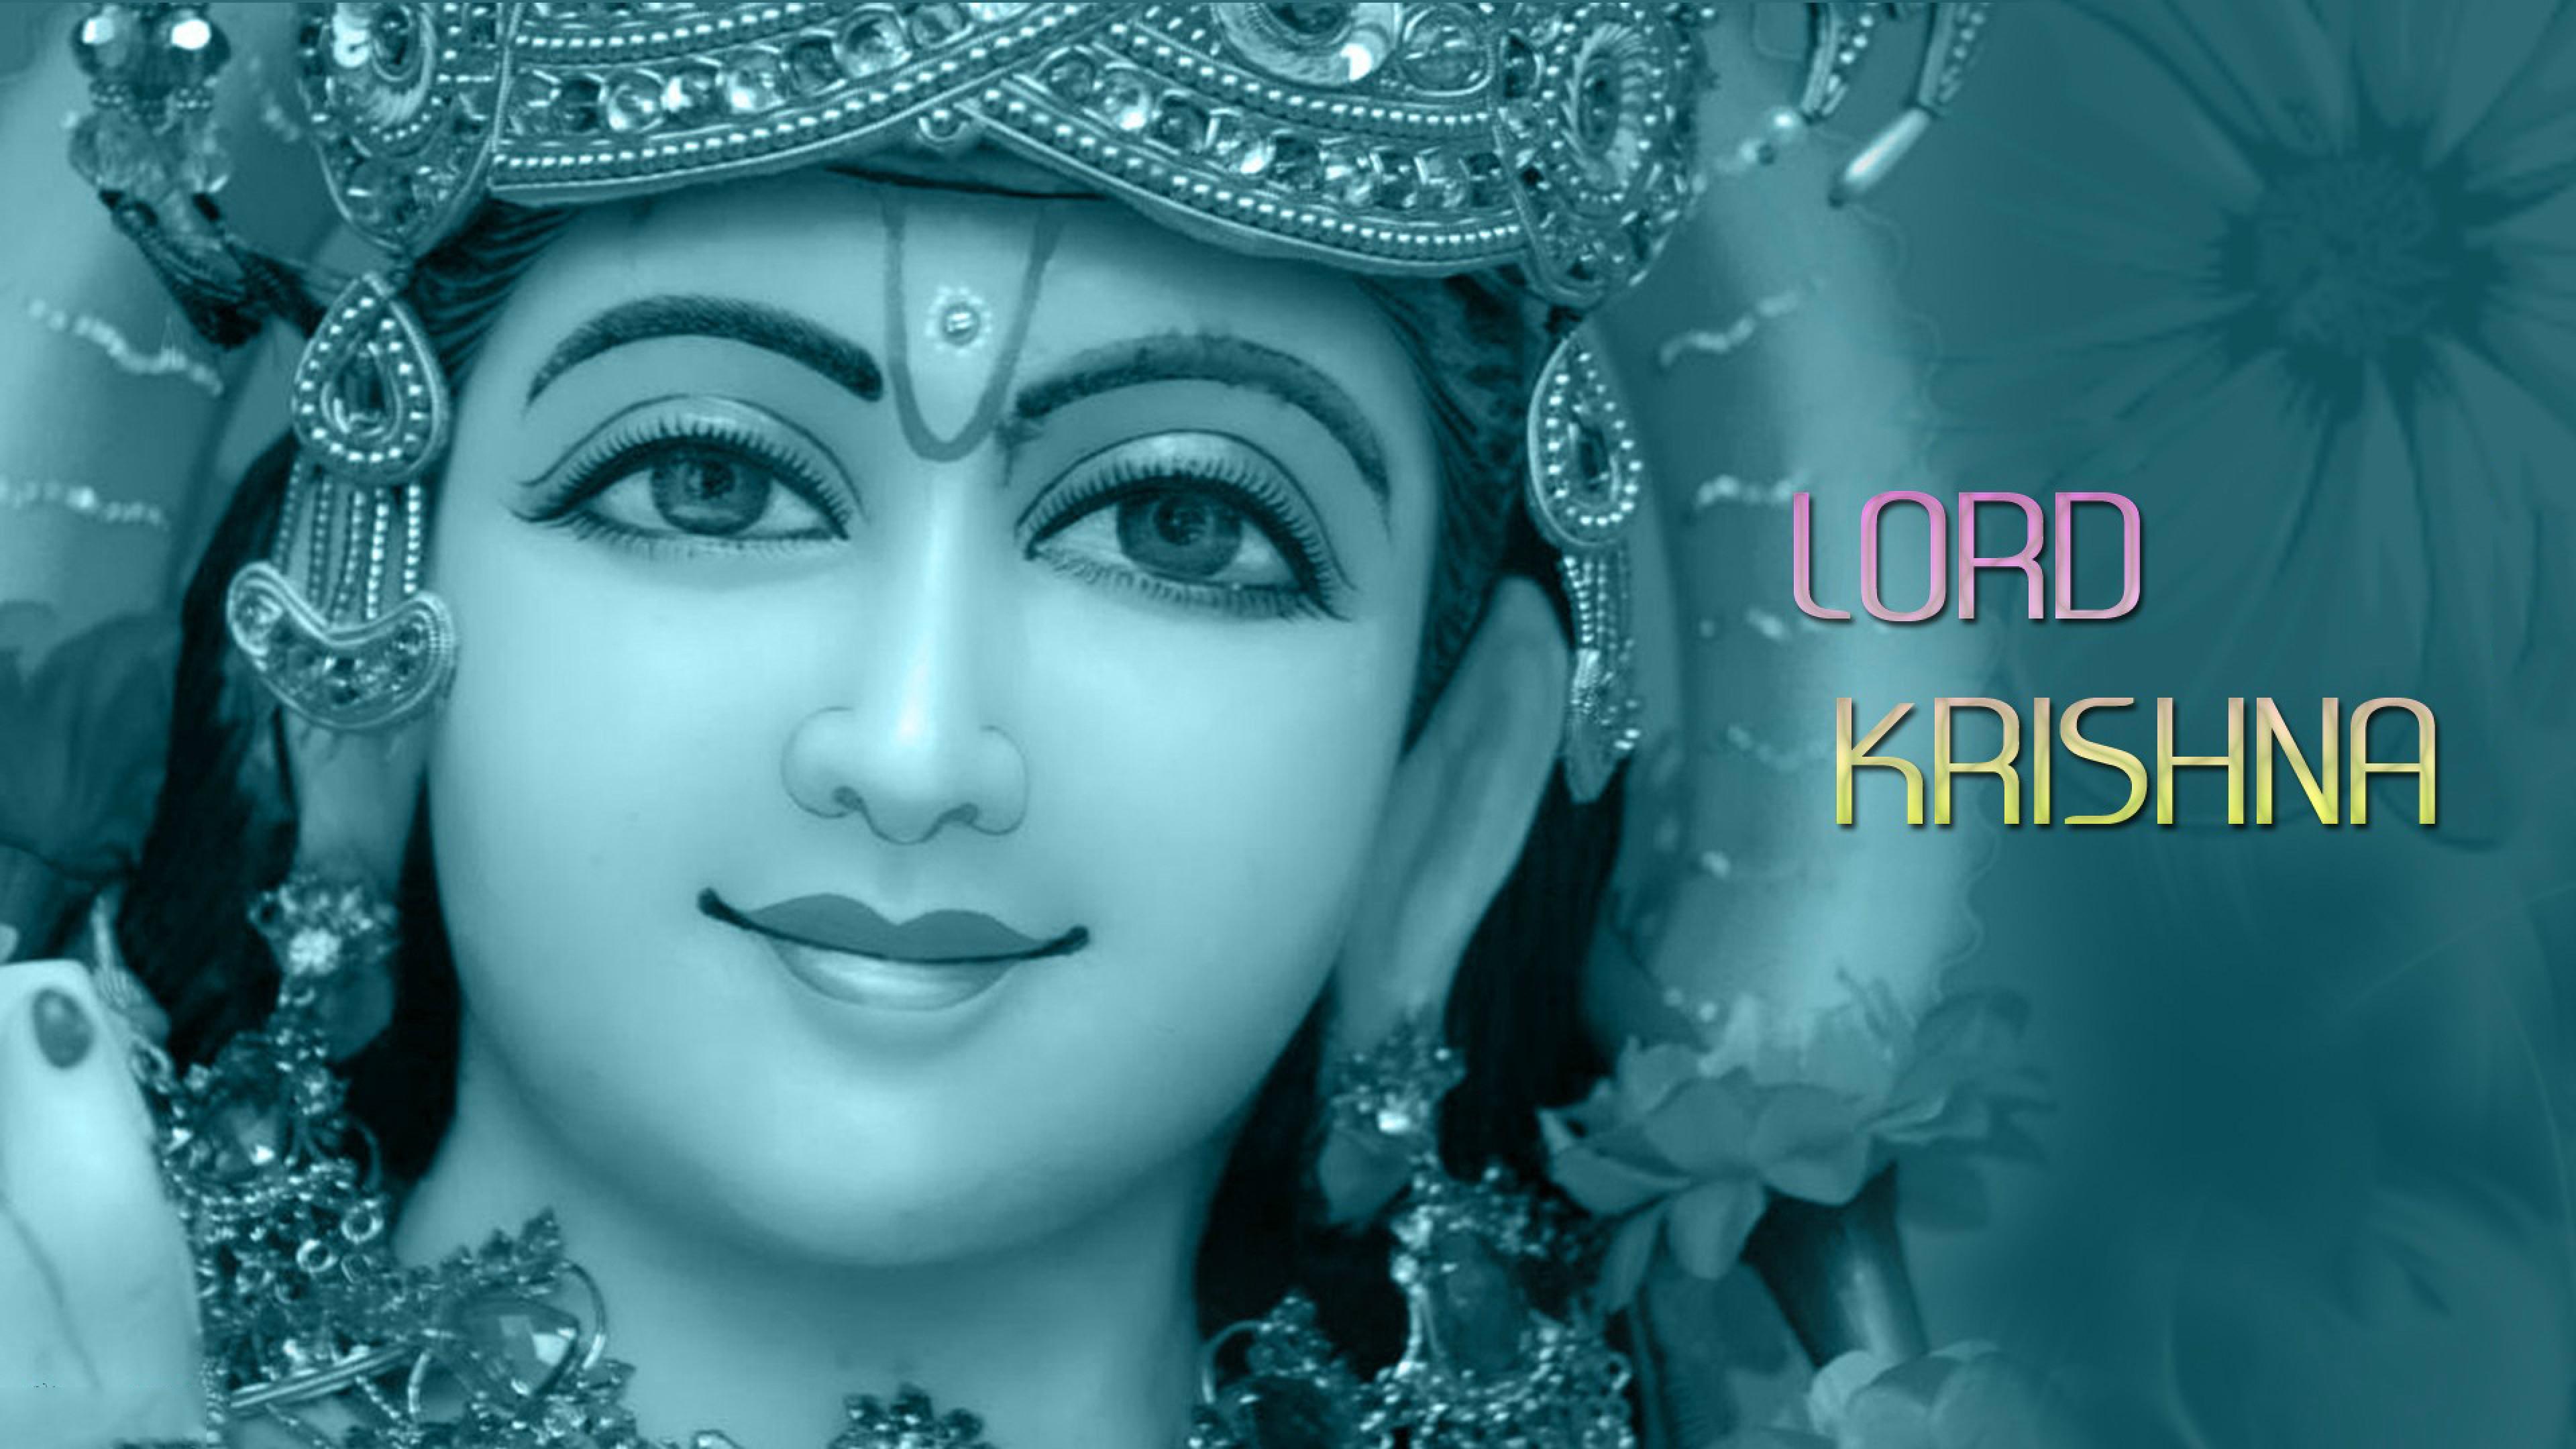 lord krishna gods hd wallpaper